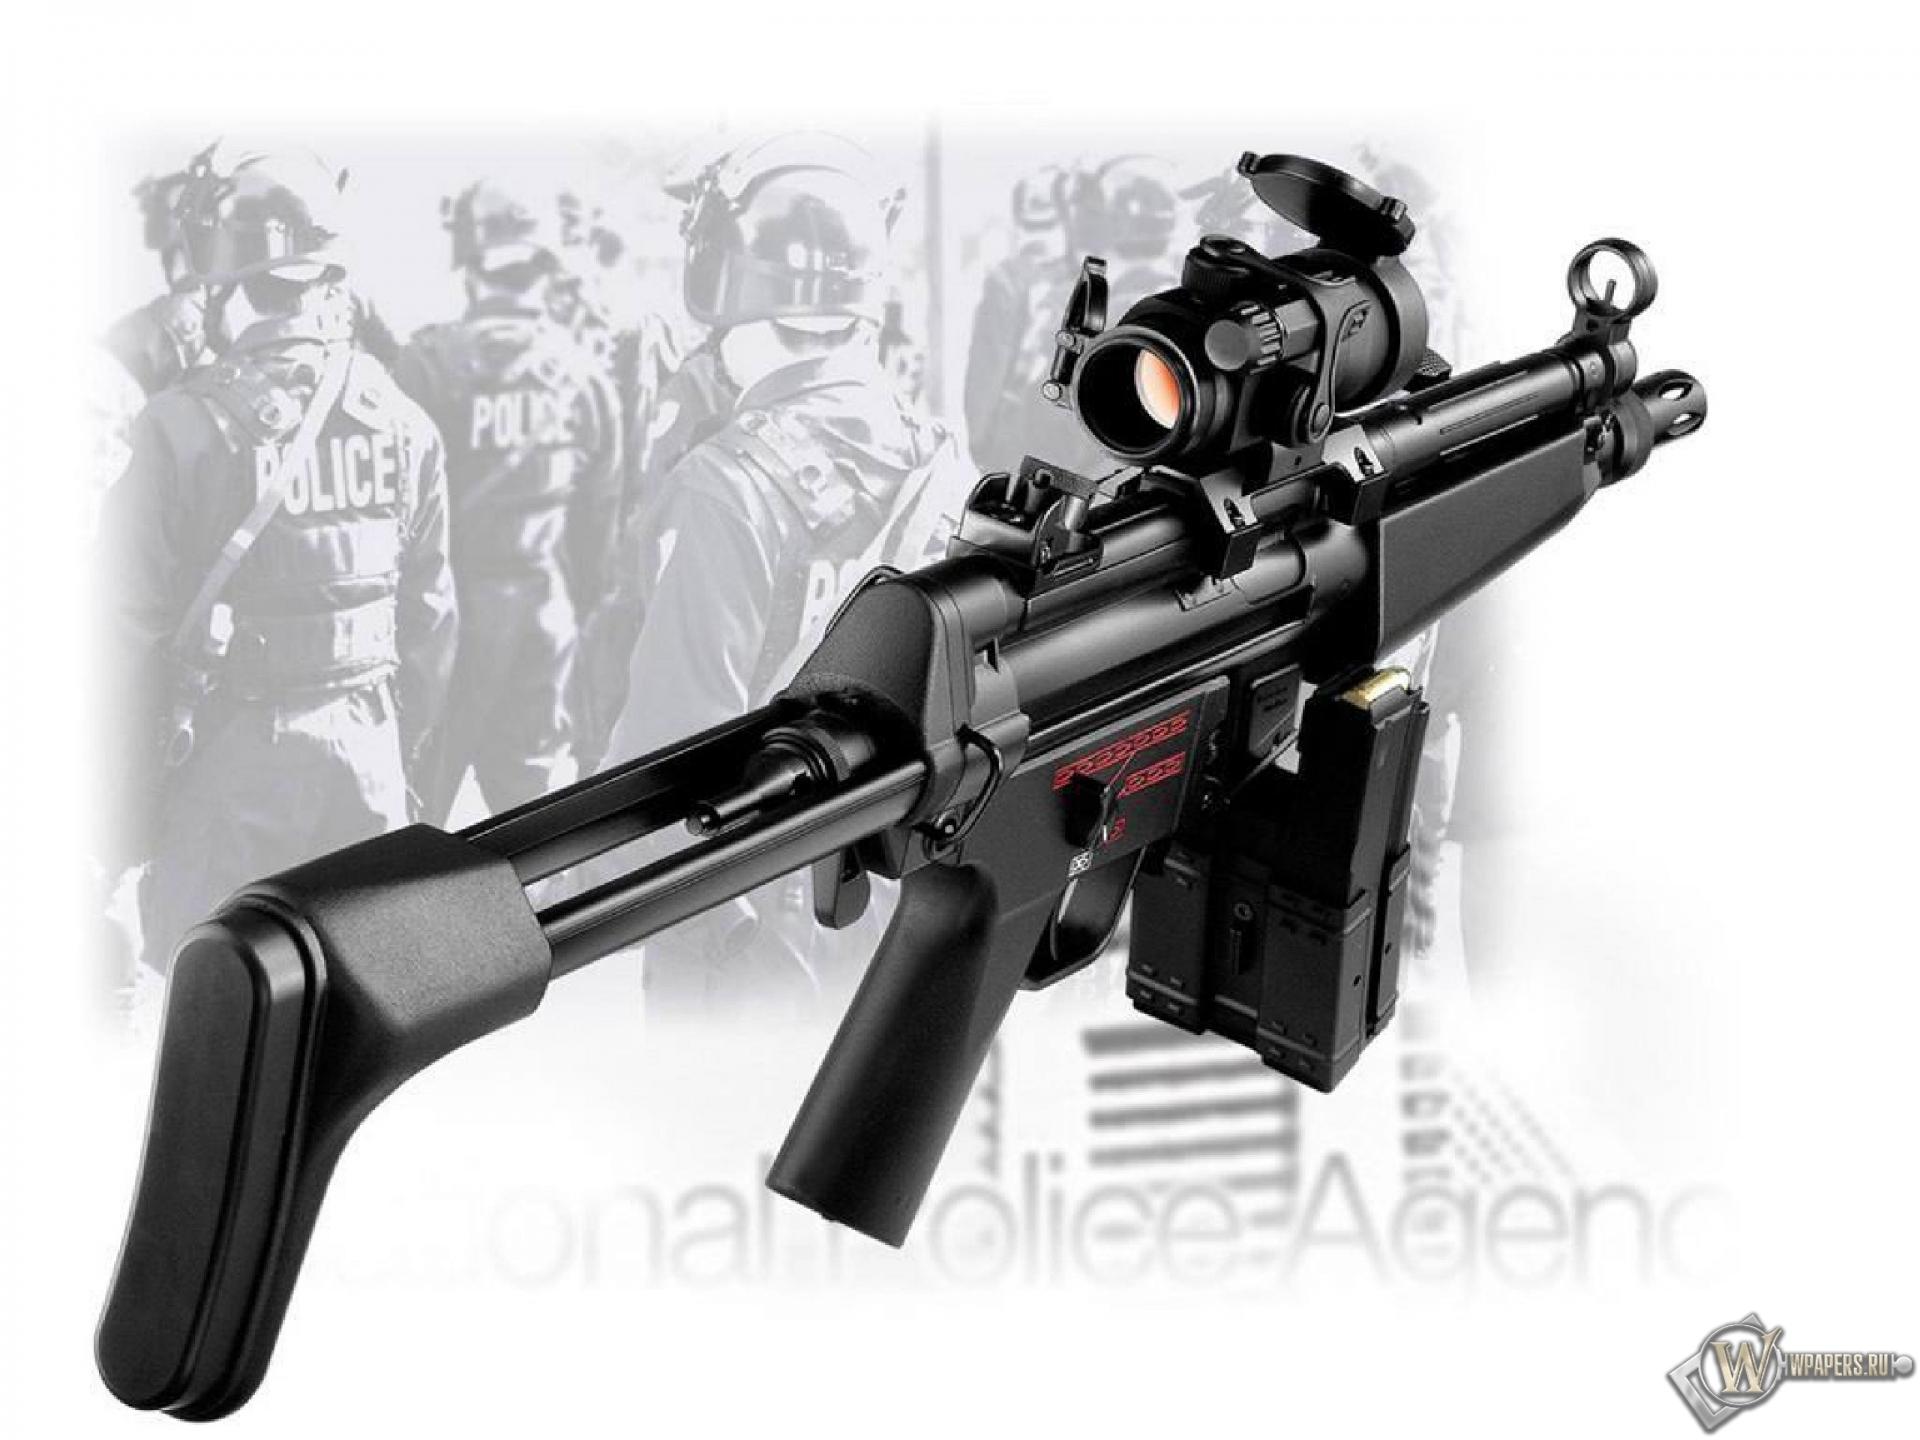 HK MP5 1920x1440